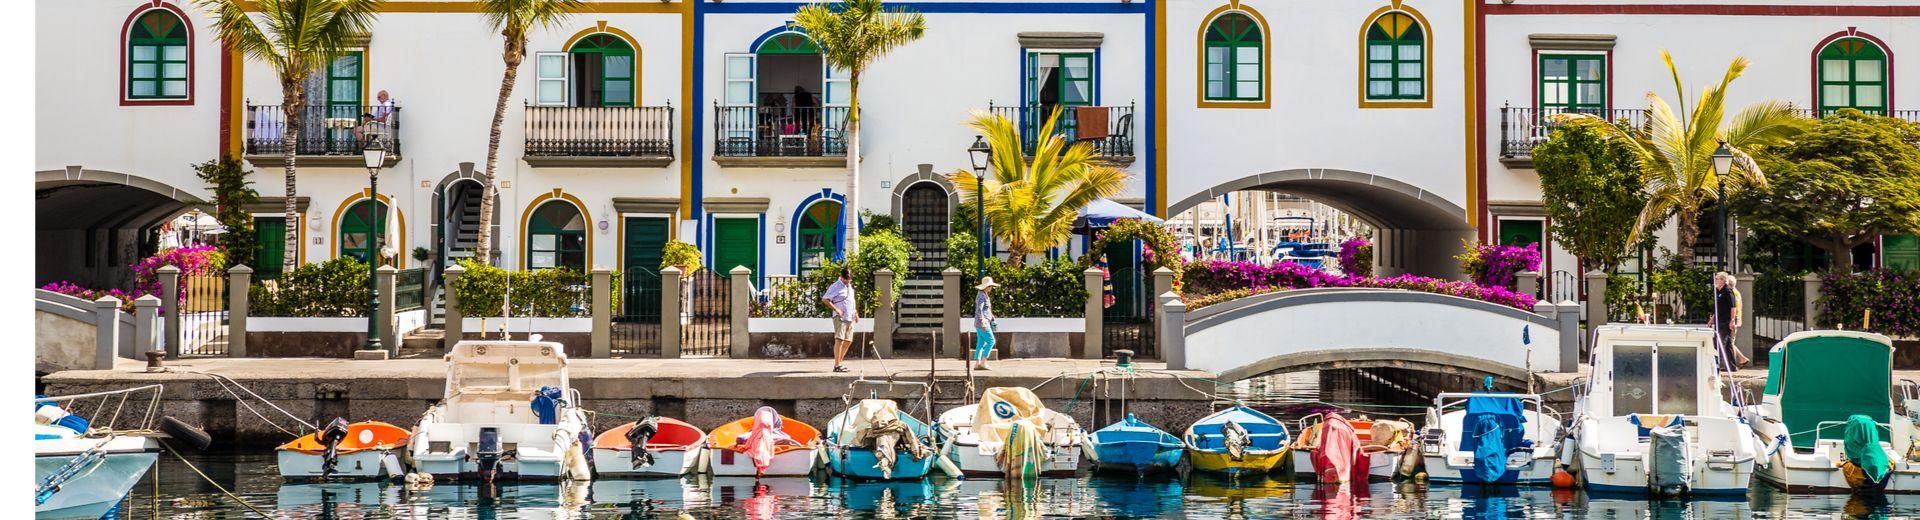 Mein Schiff 1: Die Highlights der Kanaren mit Marokko